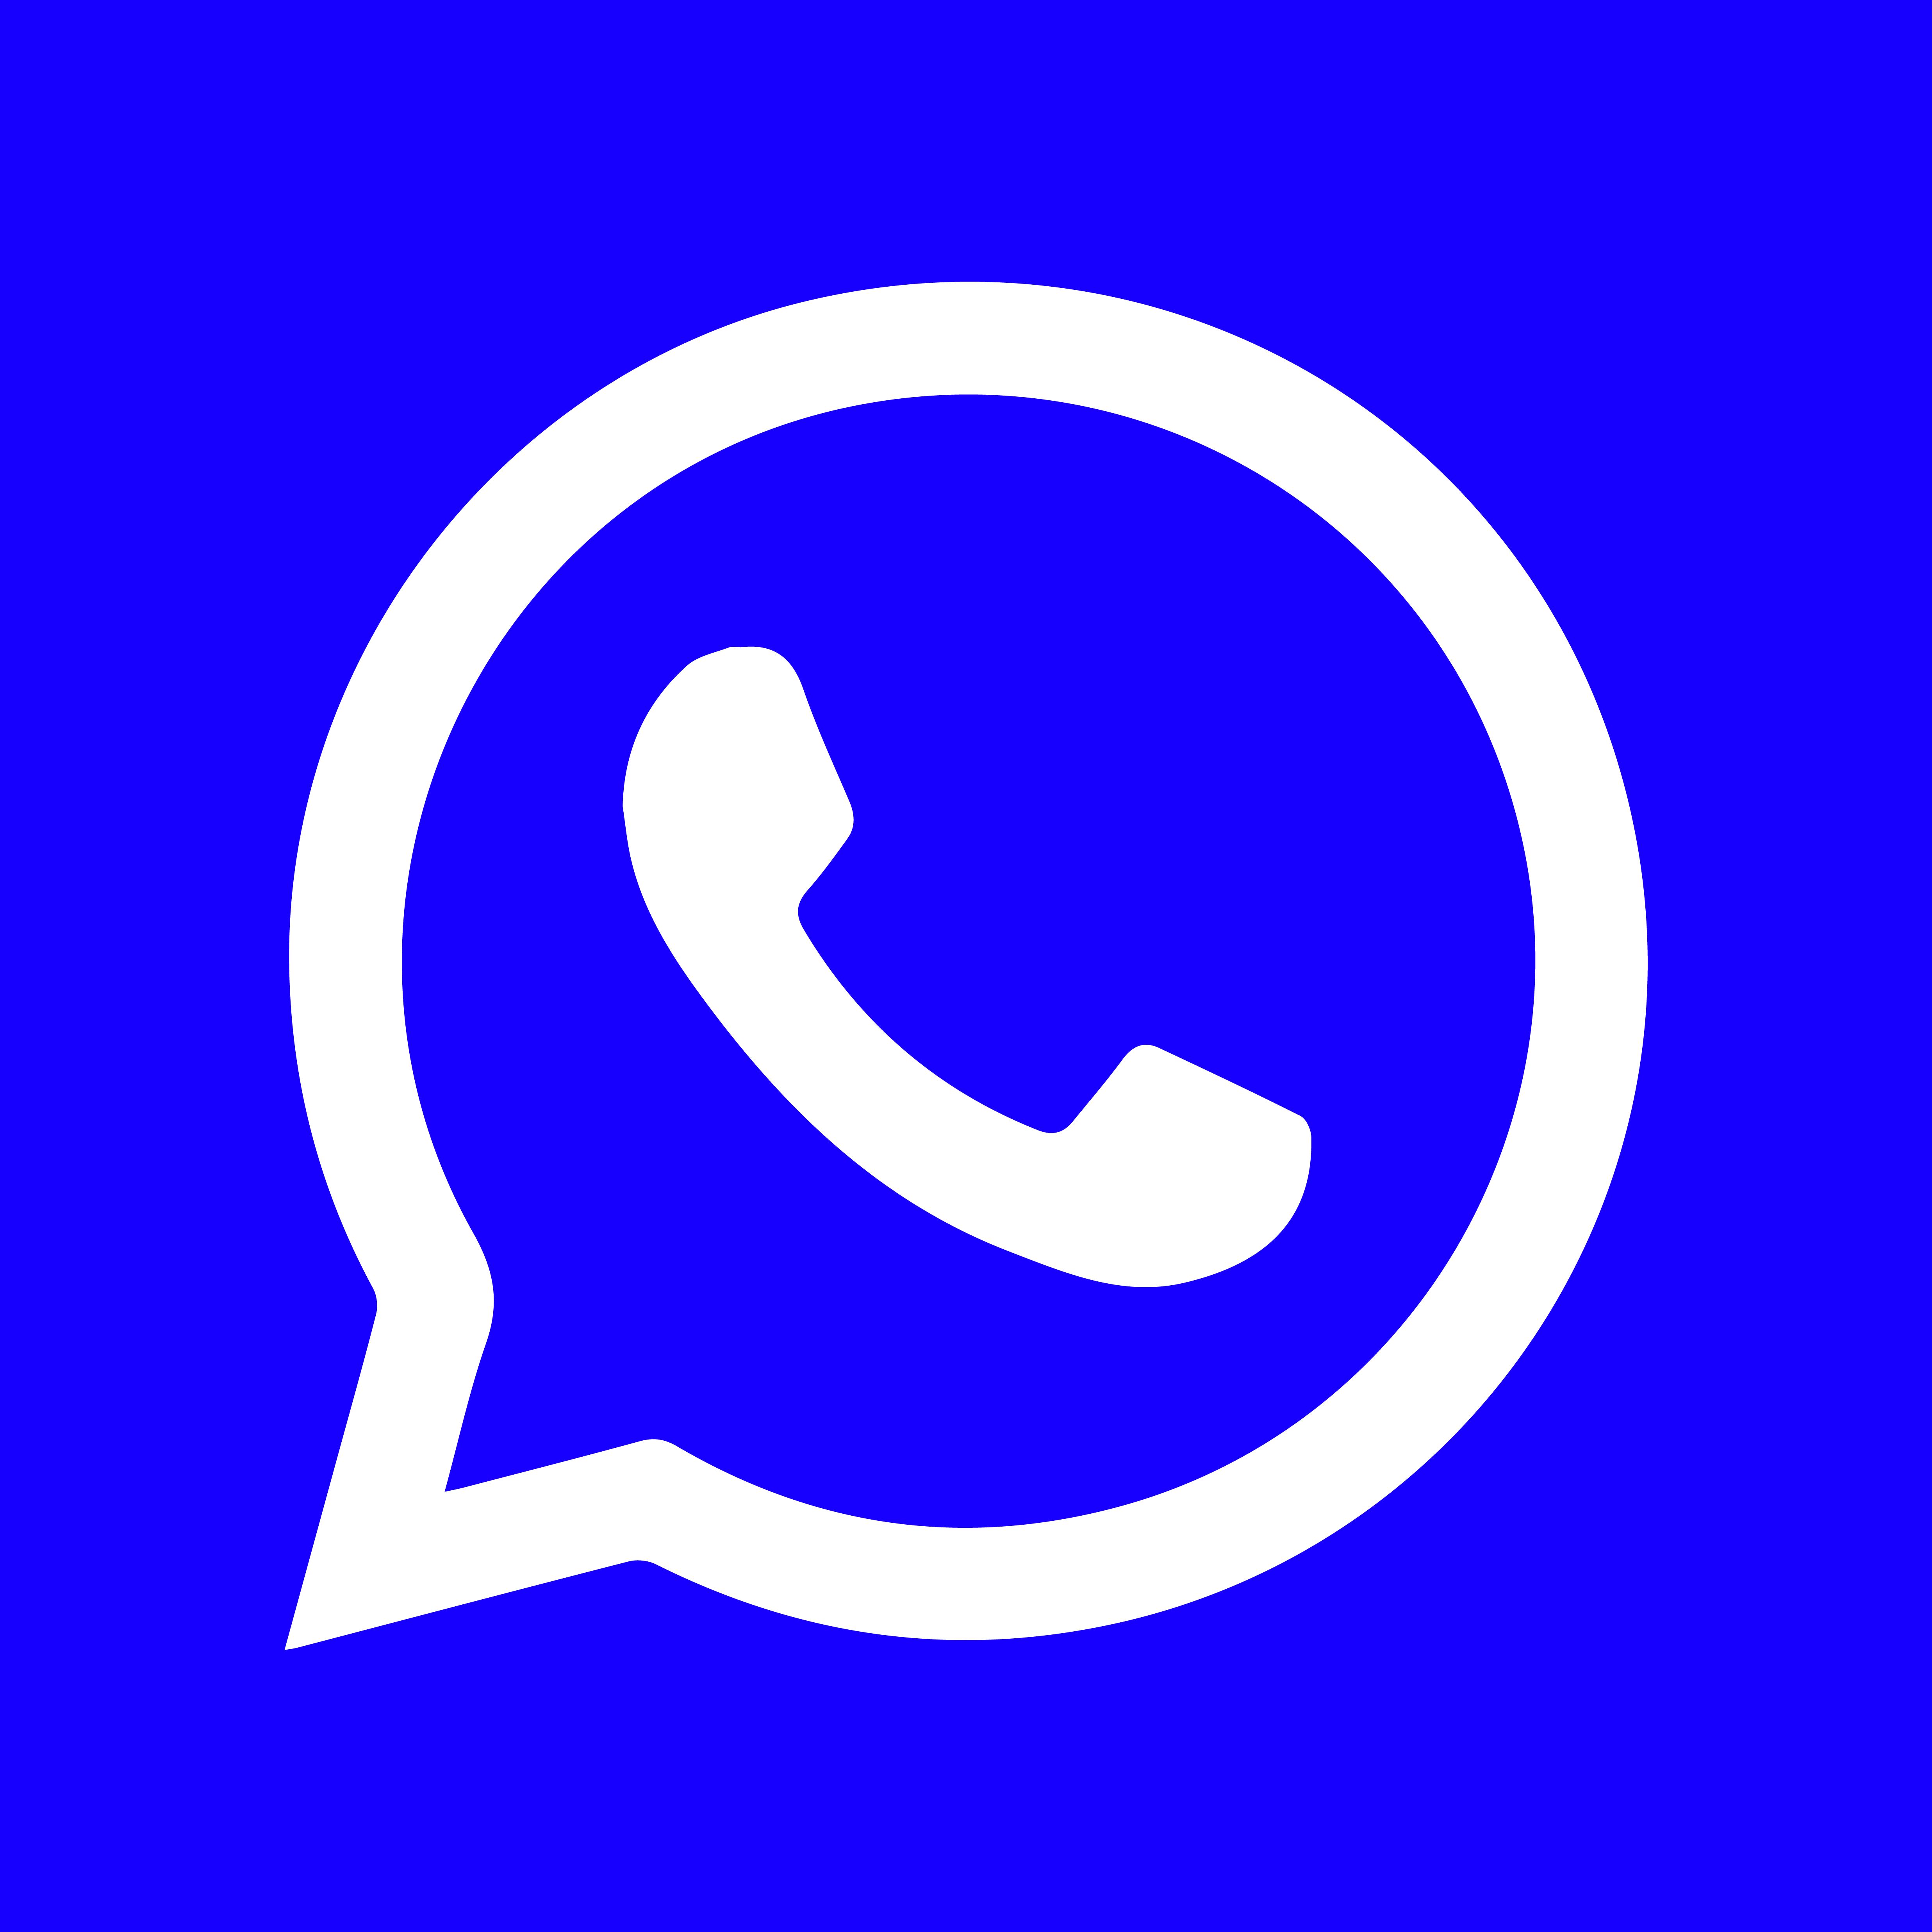 Icône WhatsApp